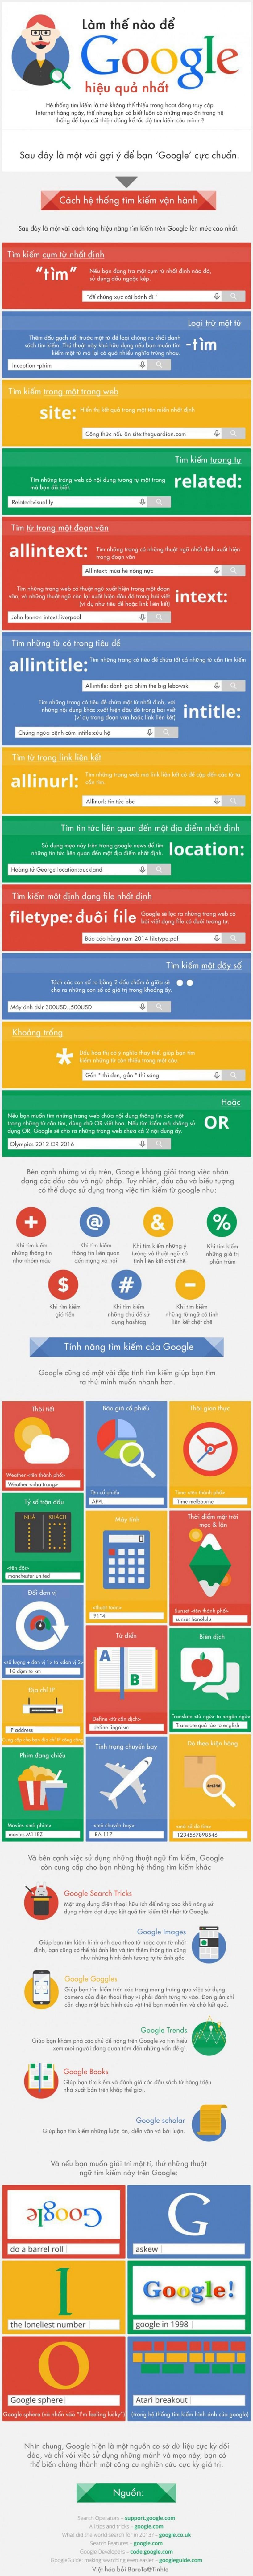 infographic-cch-tm-kim-trn-google-hiu-qu-1437035990gkn84-820x8359